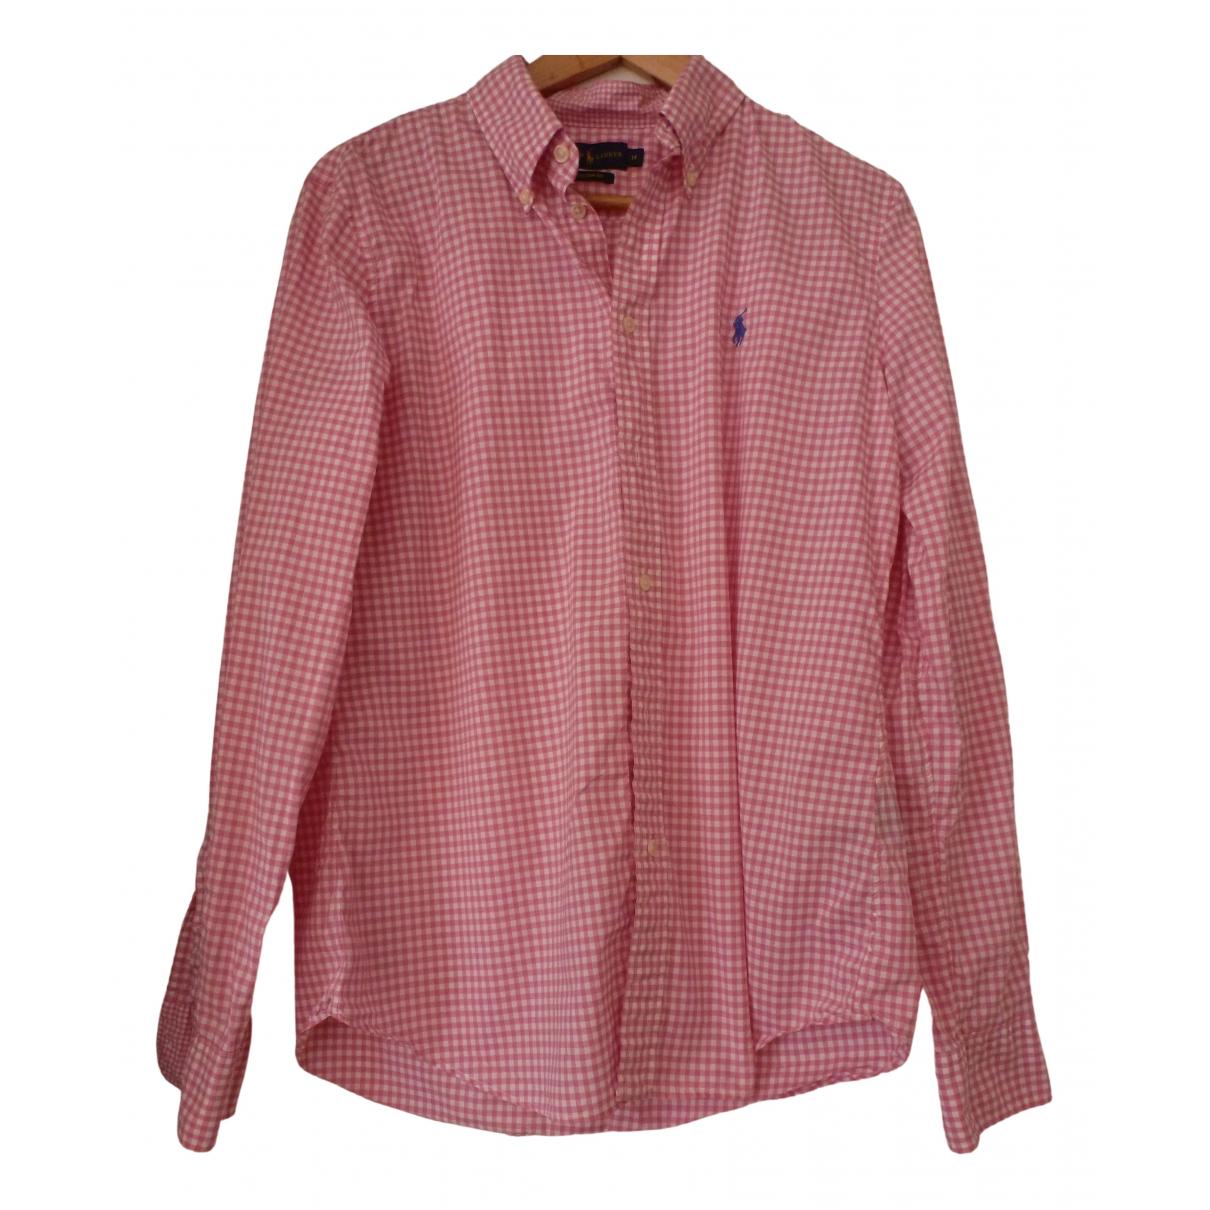 Ralph Lauren \N Pink Cotton Shirts for Men M International